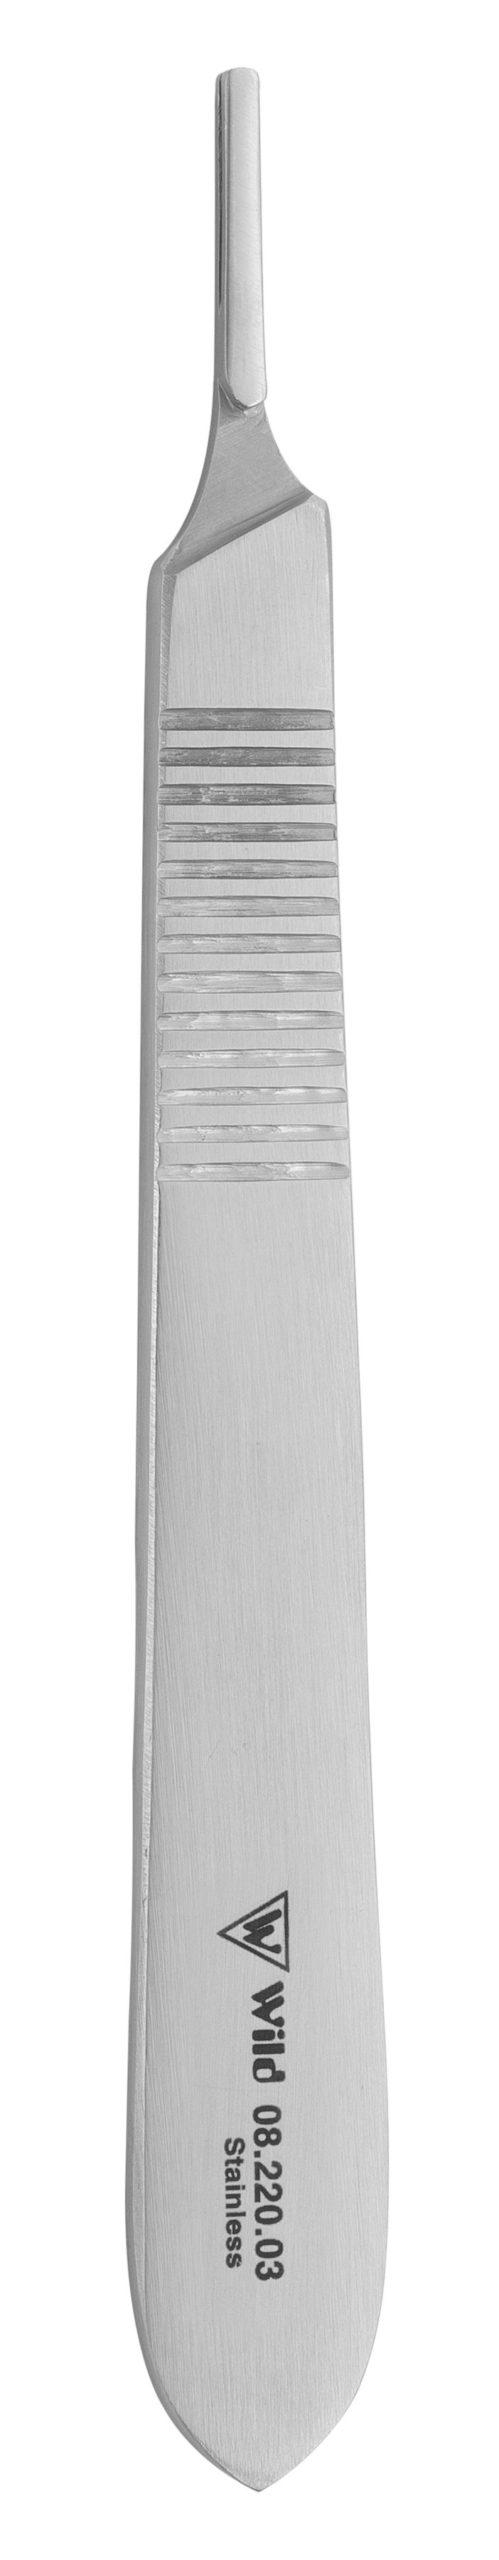 Klingenhalter Standard Figur 3 mit Flachgriff